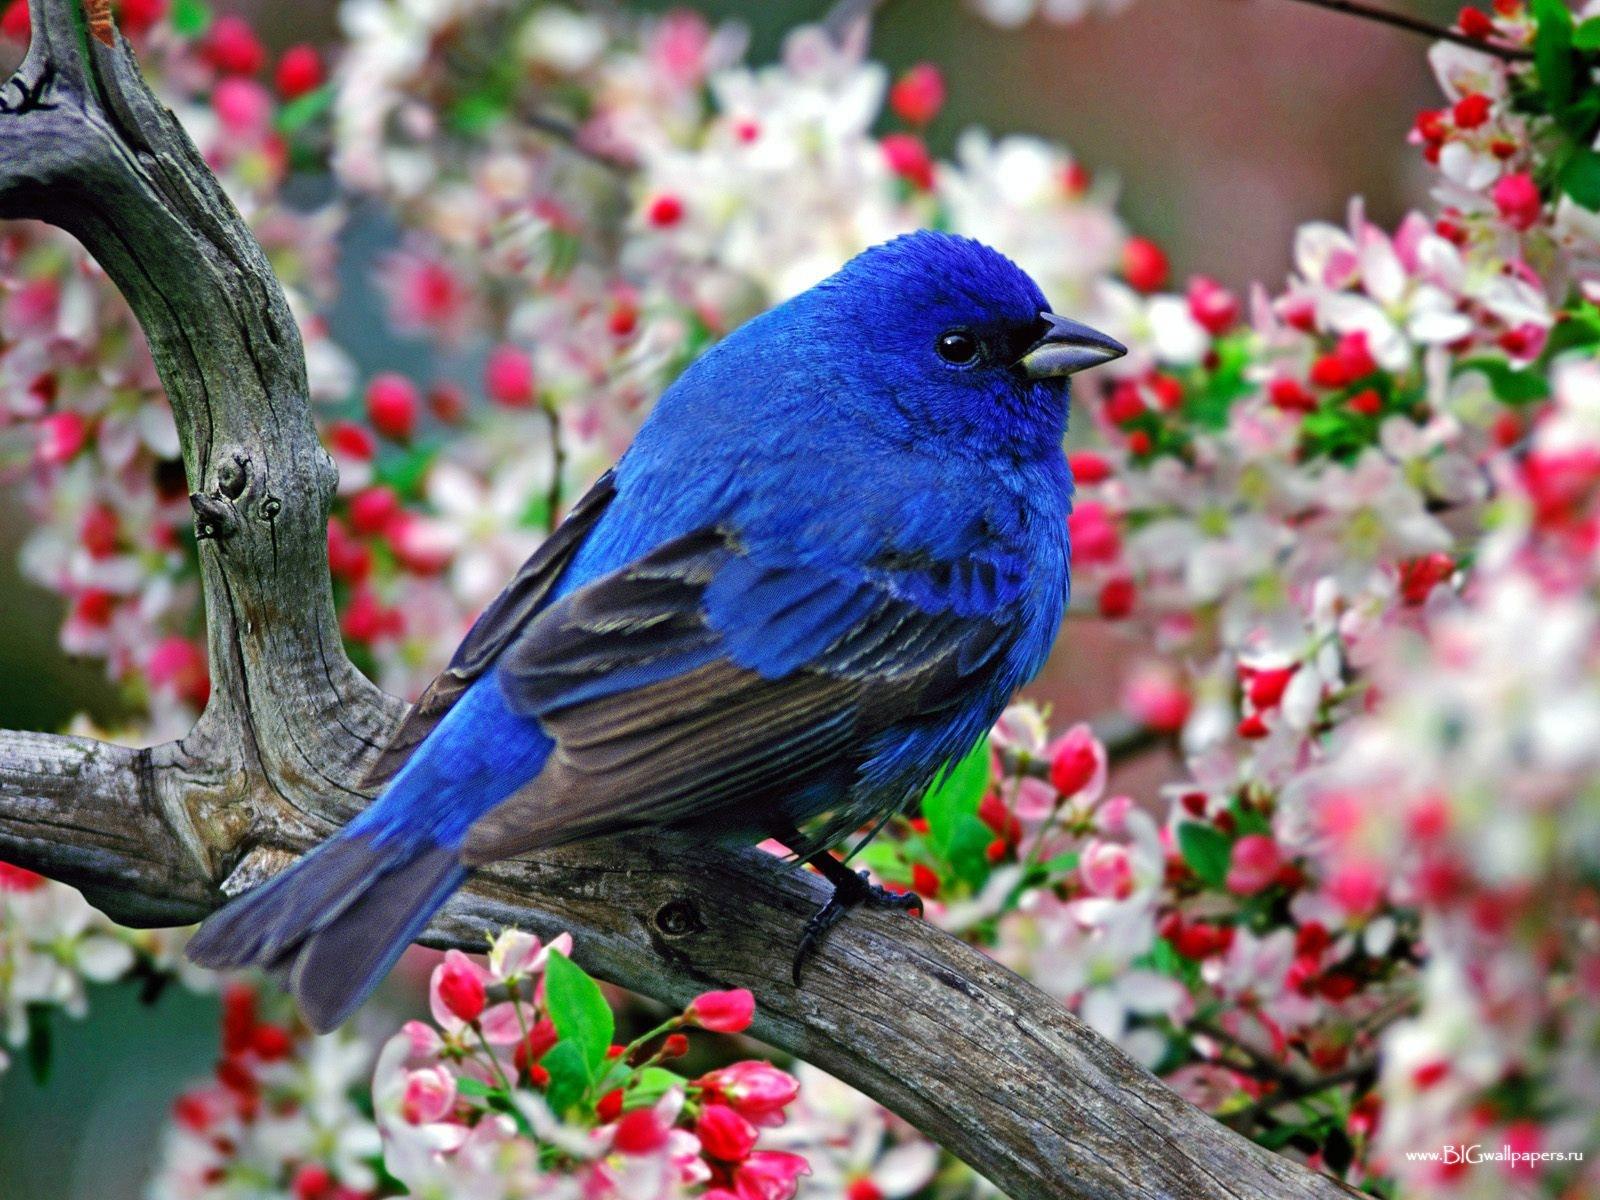 Descarga gratuita de fondo de pantalla para móvil de Animales, Flores, Birds, Perros.